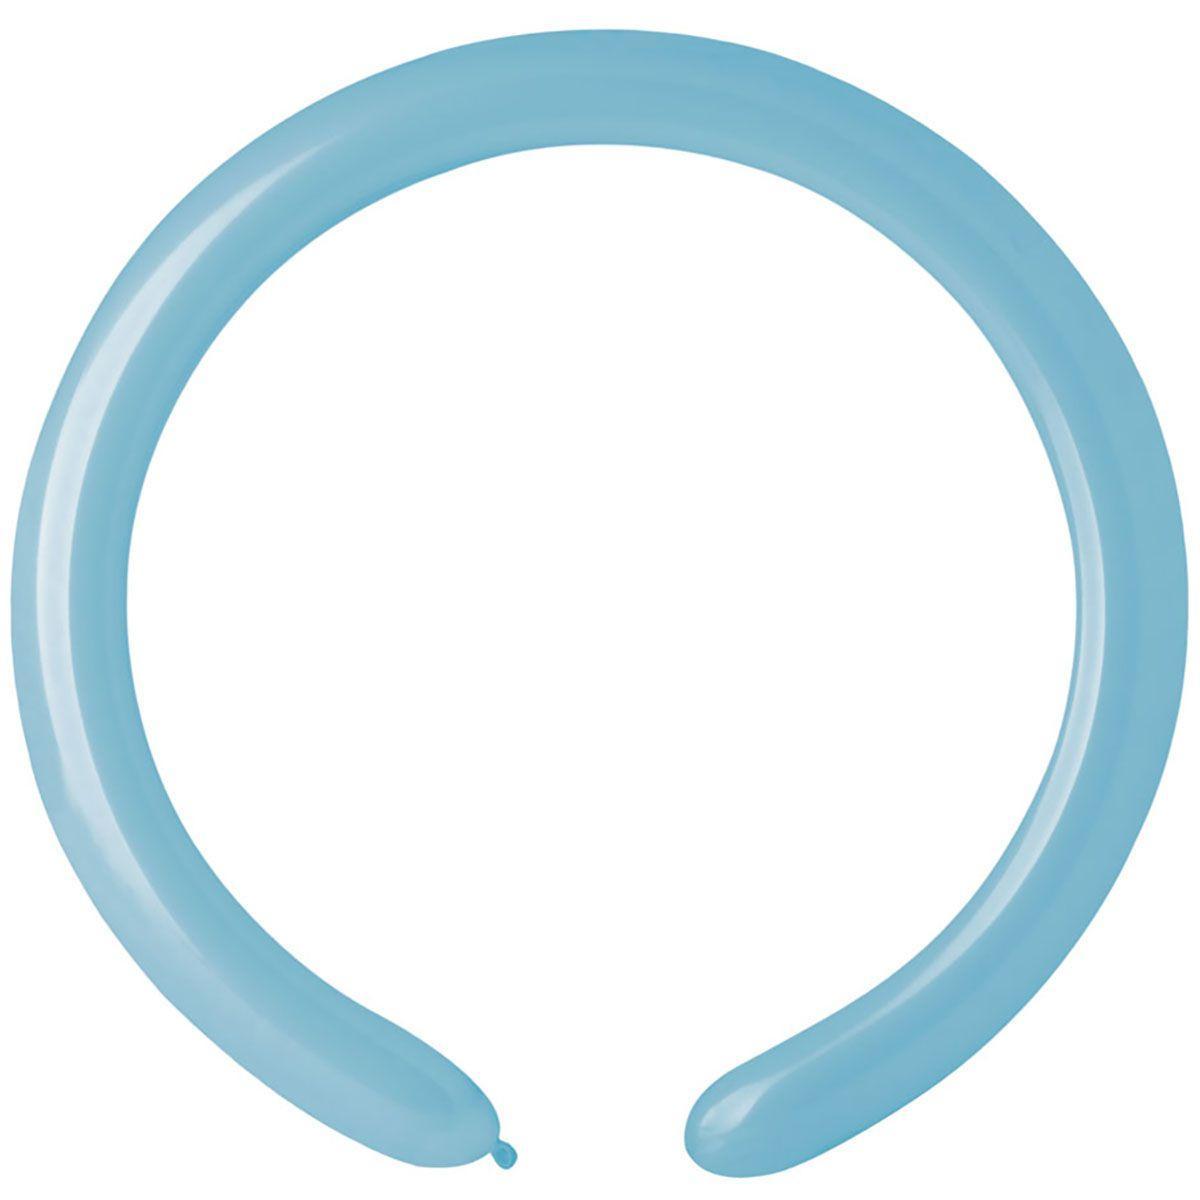 Латексные шары для моделирования ШДМ 260-2/72 голубой матовый